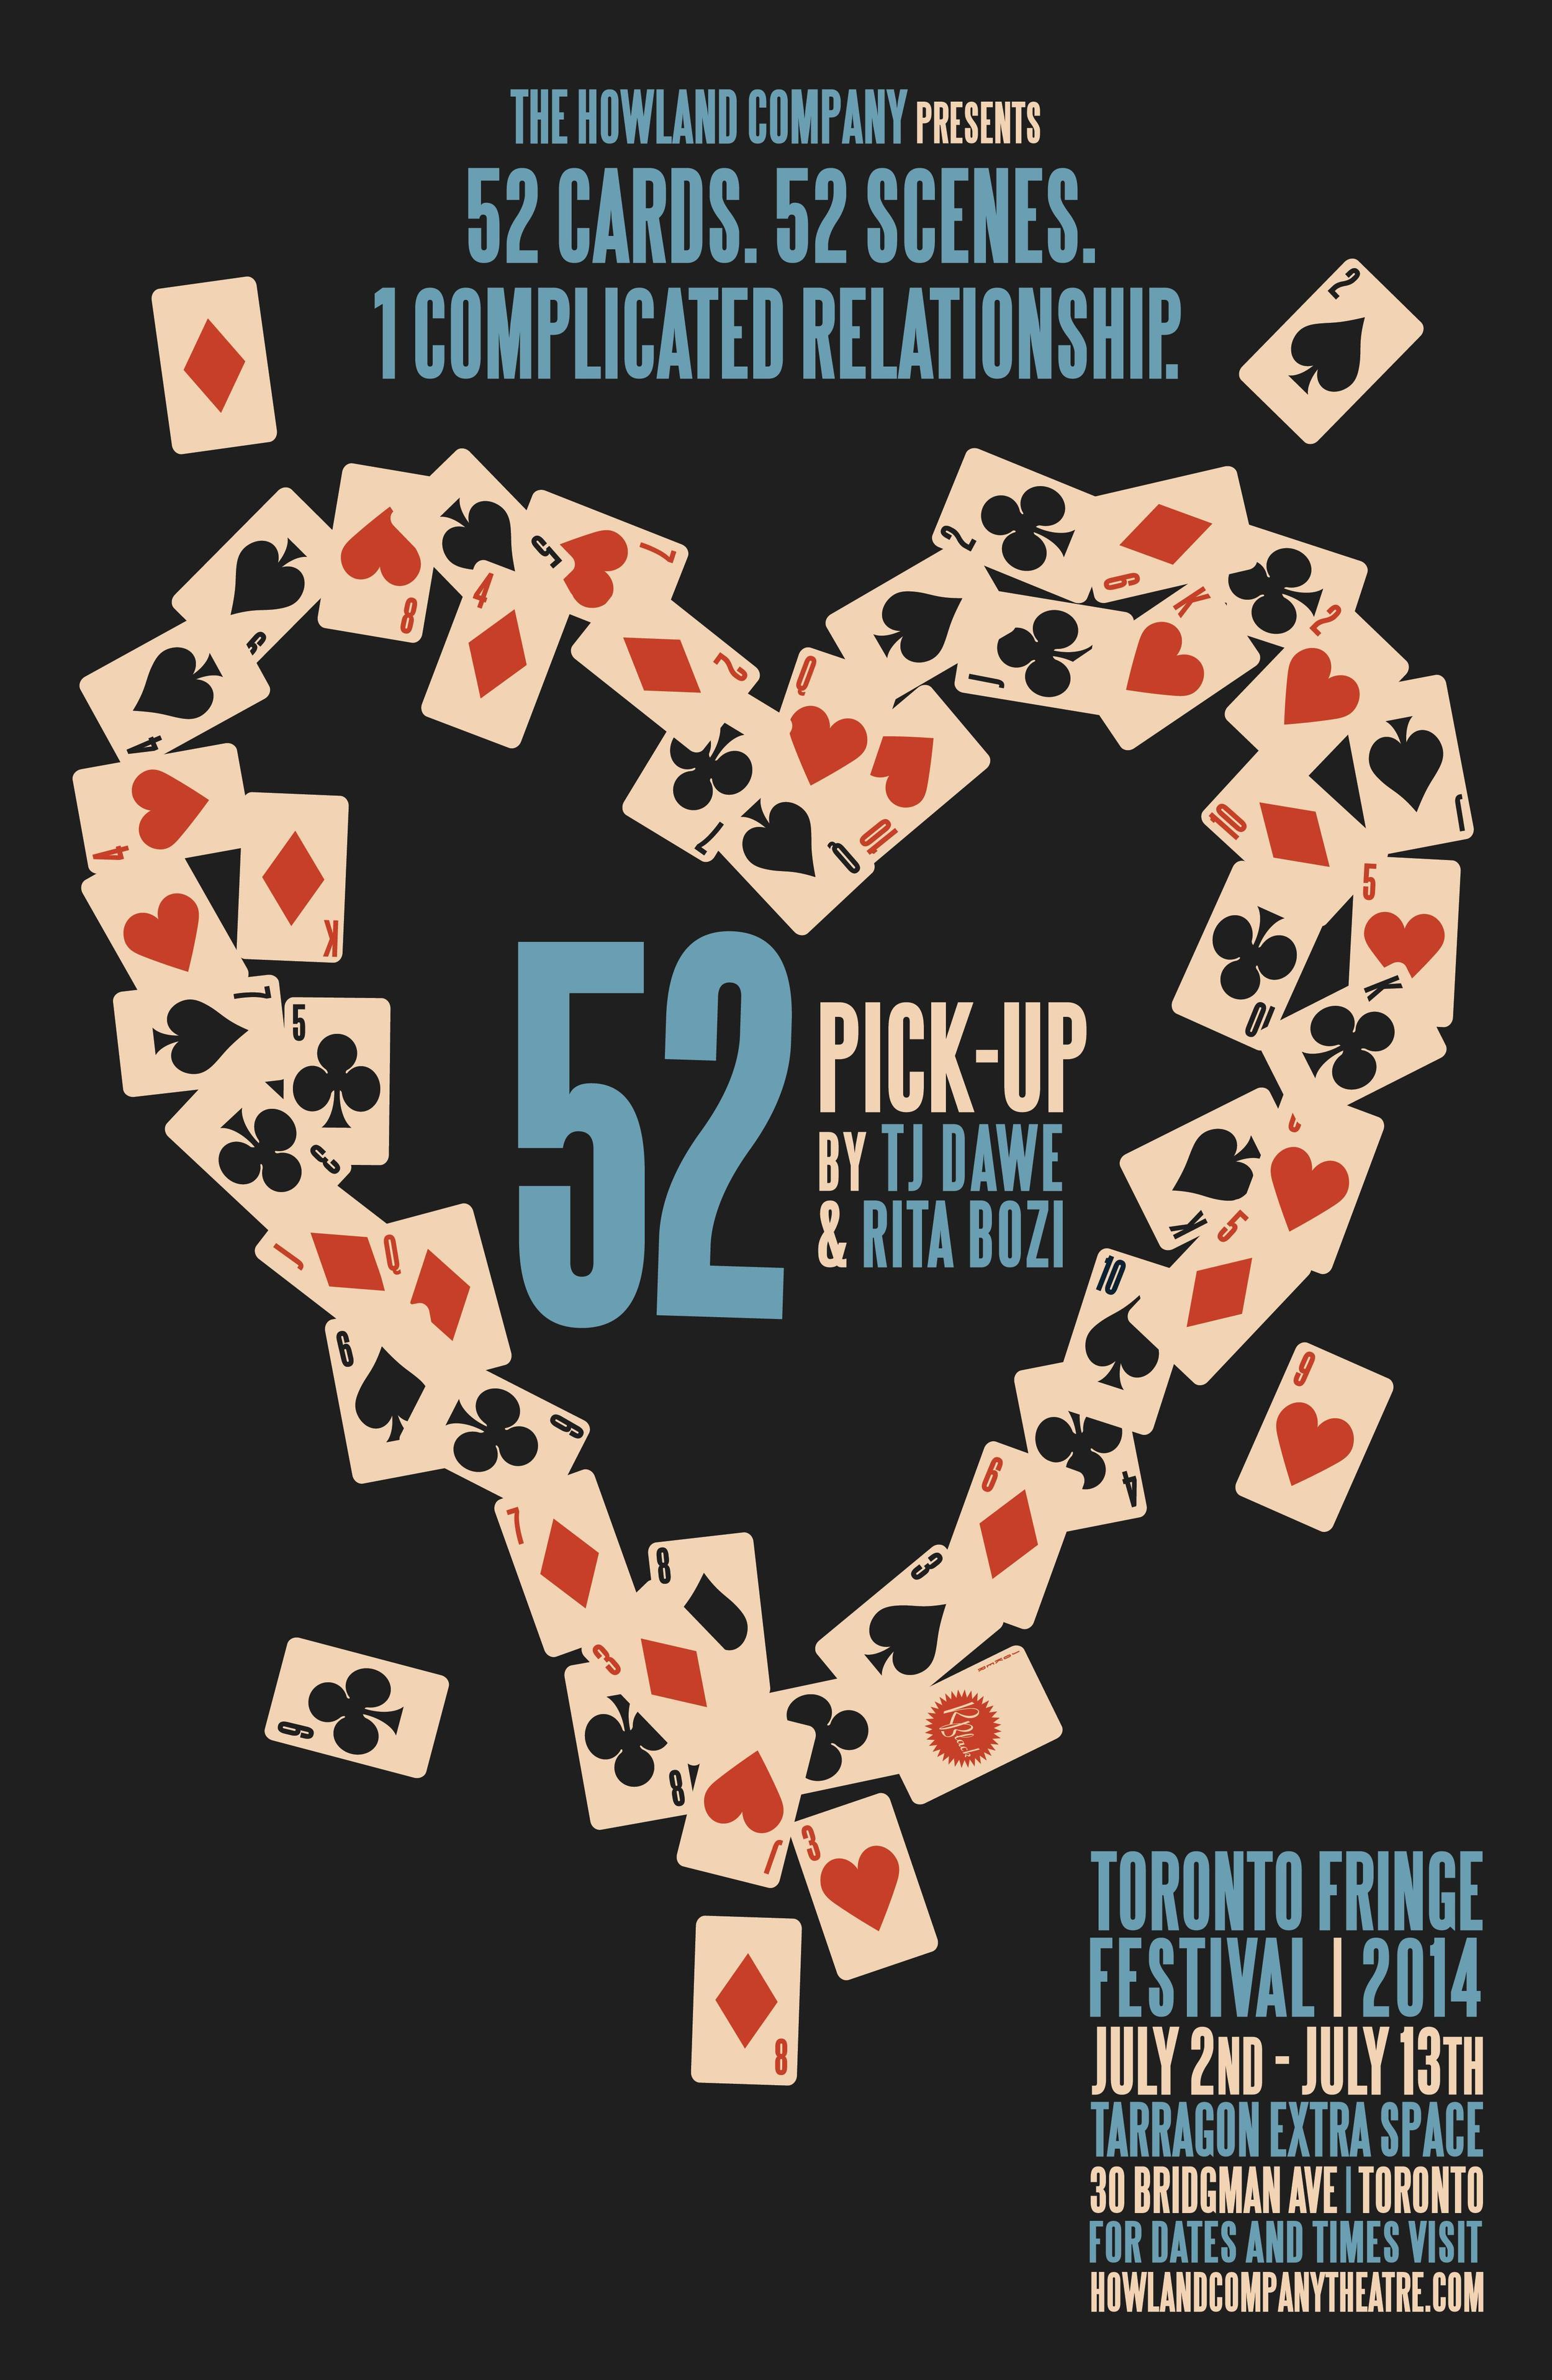 Our Toronto Fringe Festival 2014 Poster